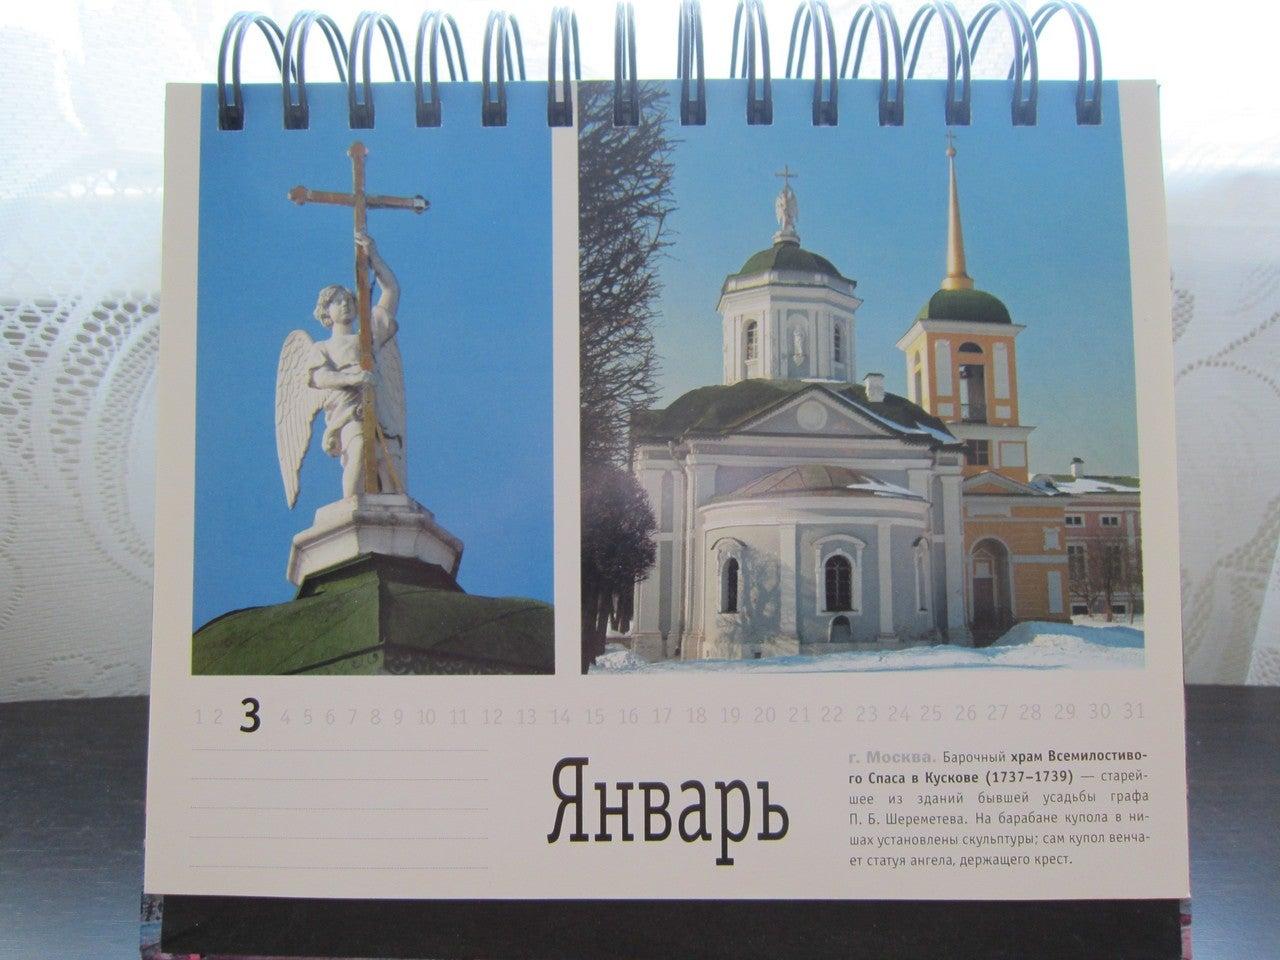 1月3日(日めくりカレンダー)|チェブラーシカ|note